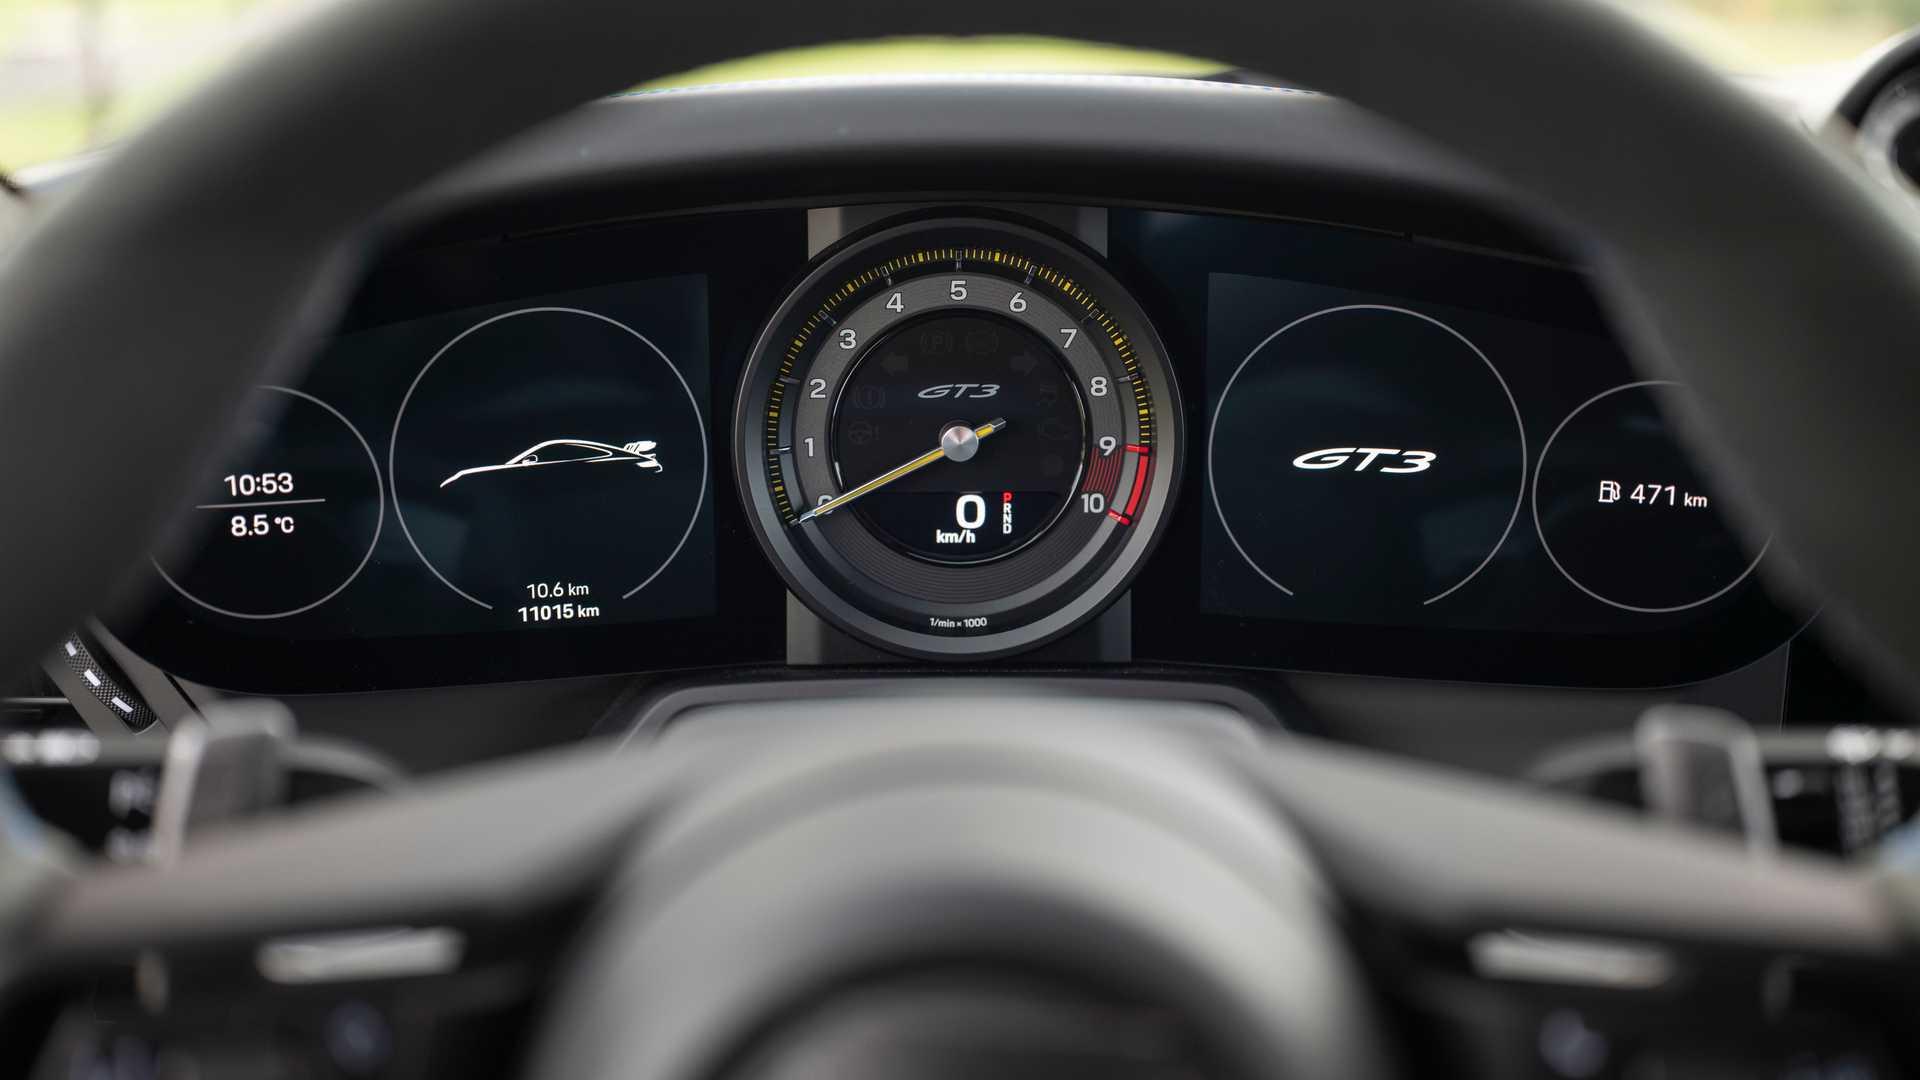 2021-porsche-911-gt3-prototype-gauges